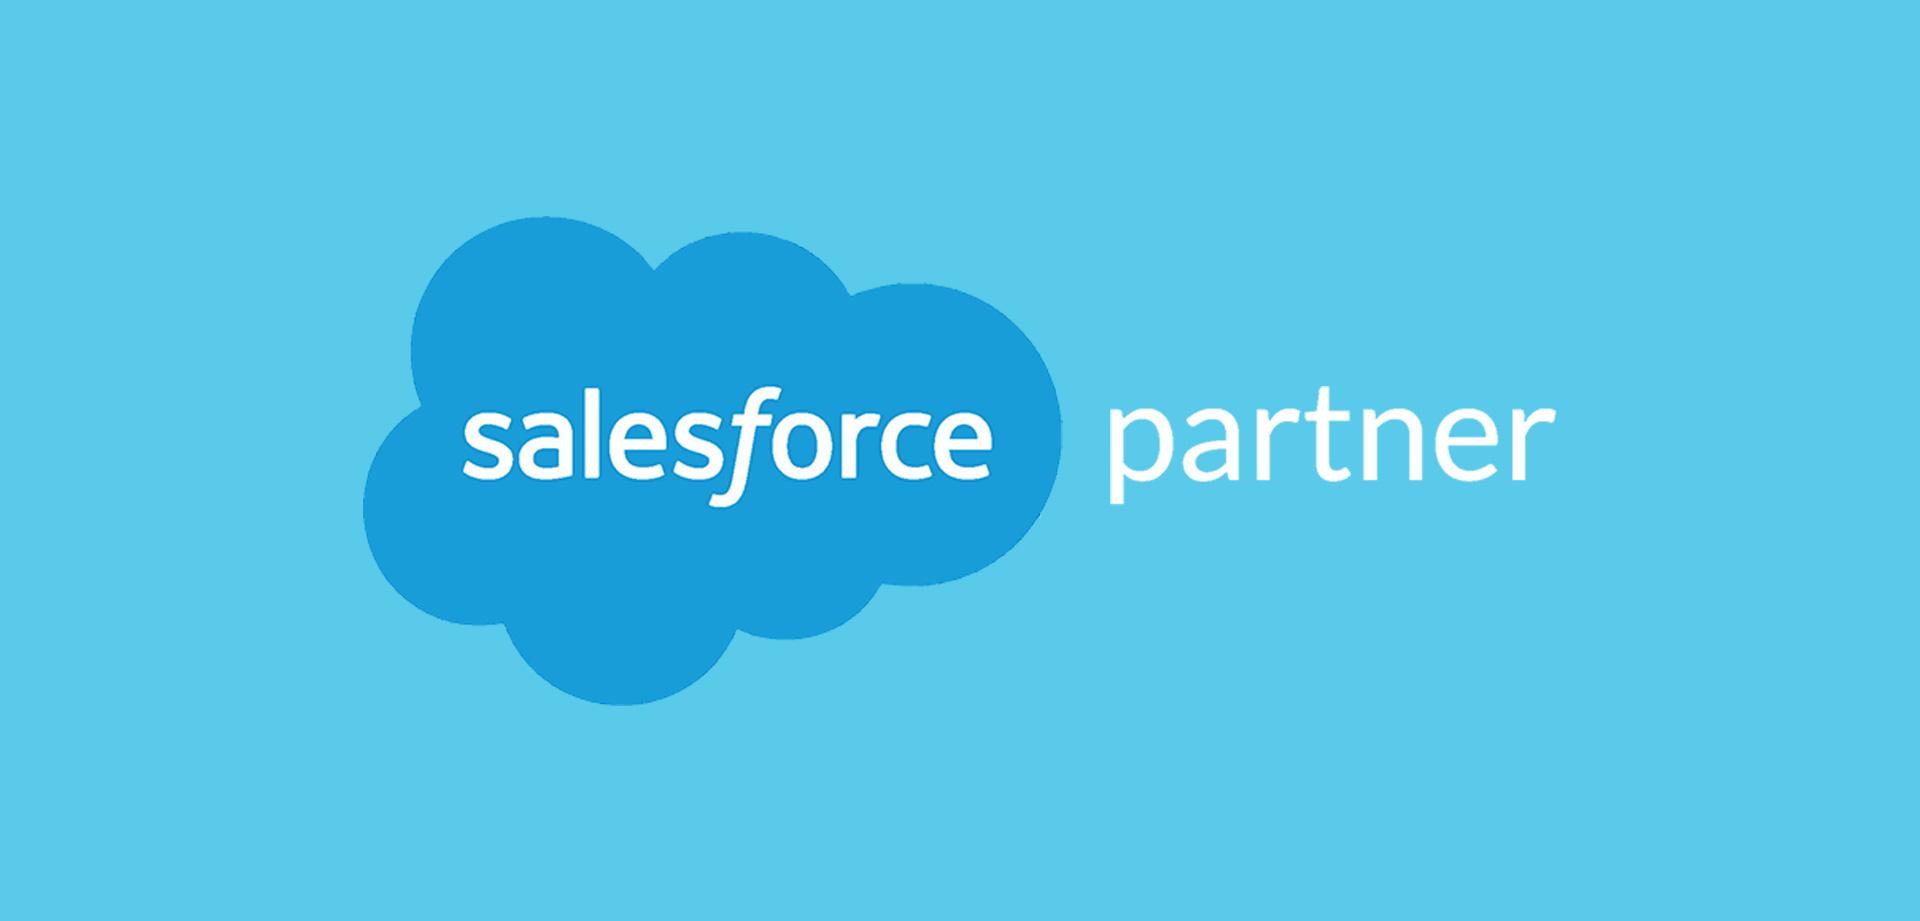 SalesForce-Partner-Blog-post-Image